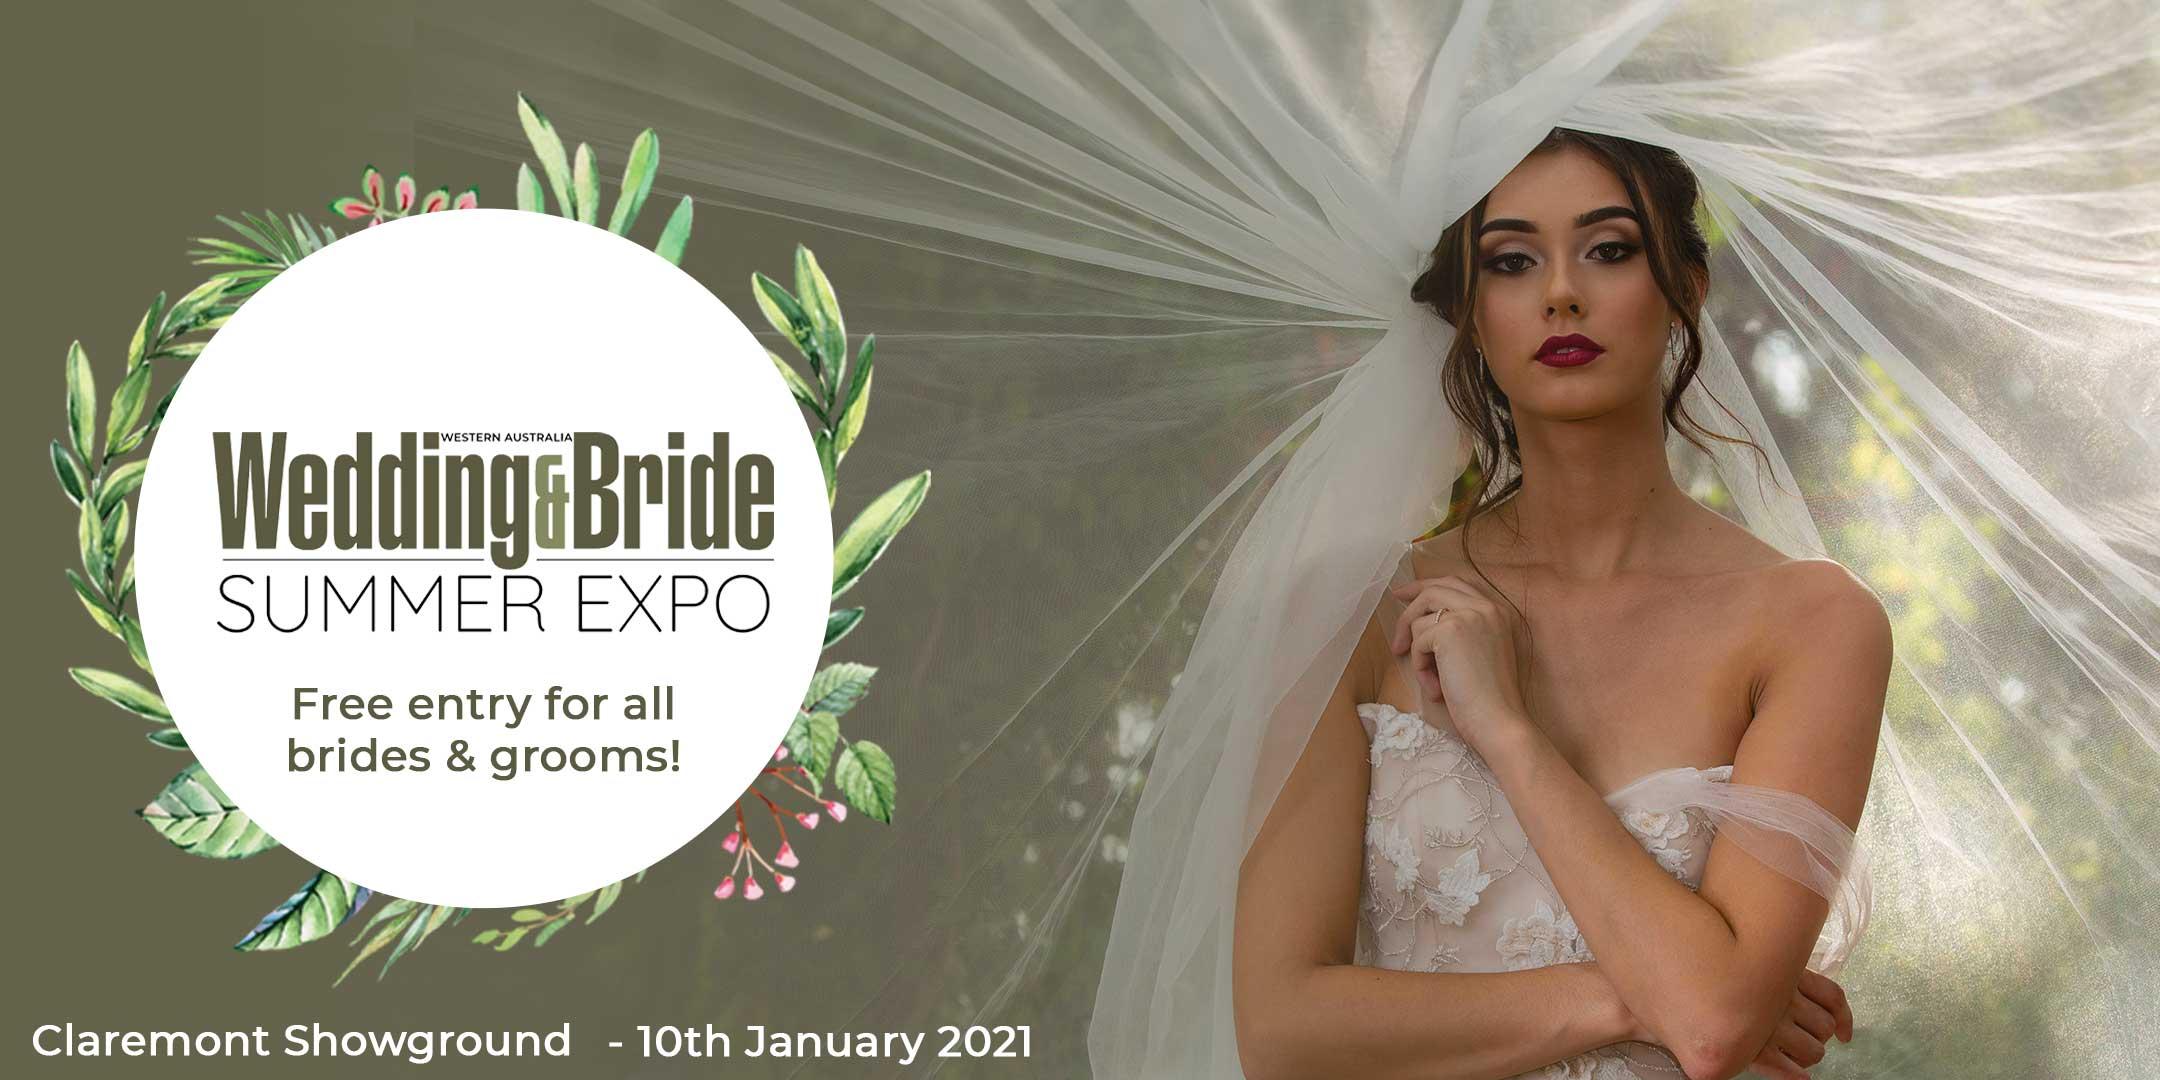 Wedding & Bride Summer Expo - Perth